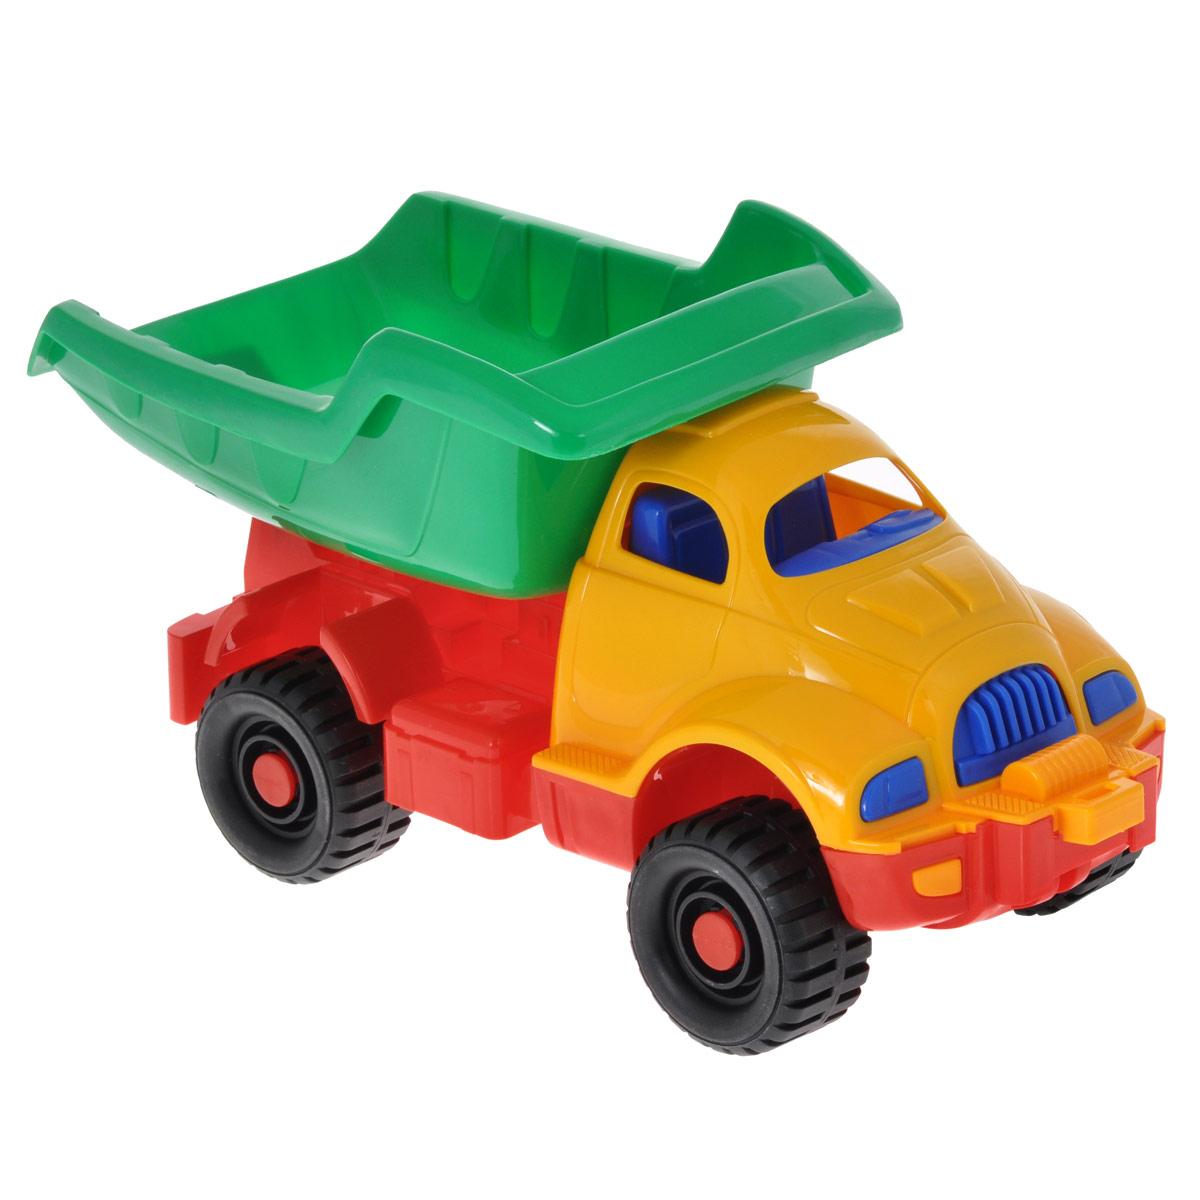 Нордпласт Грузовик Космический цвет желтый зеленый красныйН-030 желтый, зеленый, красныйЯркий грузовик Космический, изготовленный из прочного безопасного материала желтого, зеленого и красного цветов, отлично подойдет ребенку для различных игр. Грузовик - прекрасный помощник на строительной площадке. С его помощью можно перевозить камни, песок, ветки и другие грузы. Его кузов поднимается и опускается, а в кабину можно посадить маленькую игрушку. Большие колеса с крупным протектором обеспечивают грузовику устойчивость и хорошую проходимость. Ваш юный строитель сможет прекрасно провести время дома или на улице, воспроизводя свою стройку. Характеристики: Размер грузовика (ДхШхВ): 16,5 см х 36 см х 18,5 см.